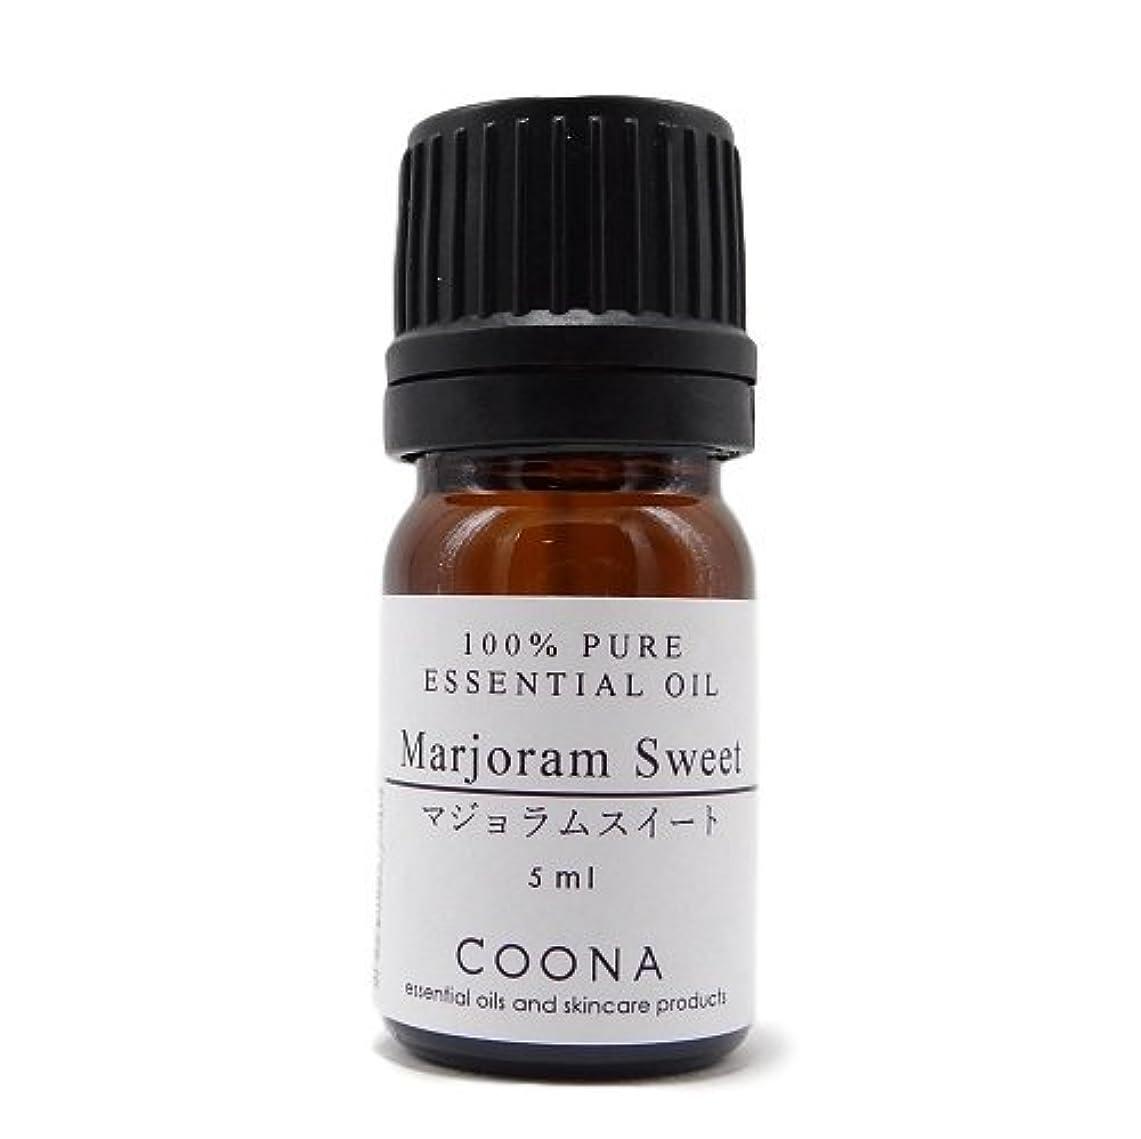 隔離賛辞準備マジョラム スイート 5 ml (COONA エッセンシャルオイル アロマオイル 100%天然植物精油)